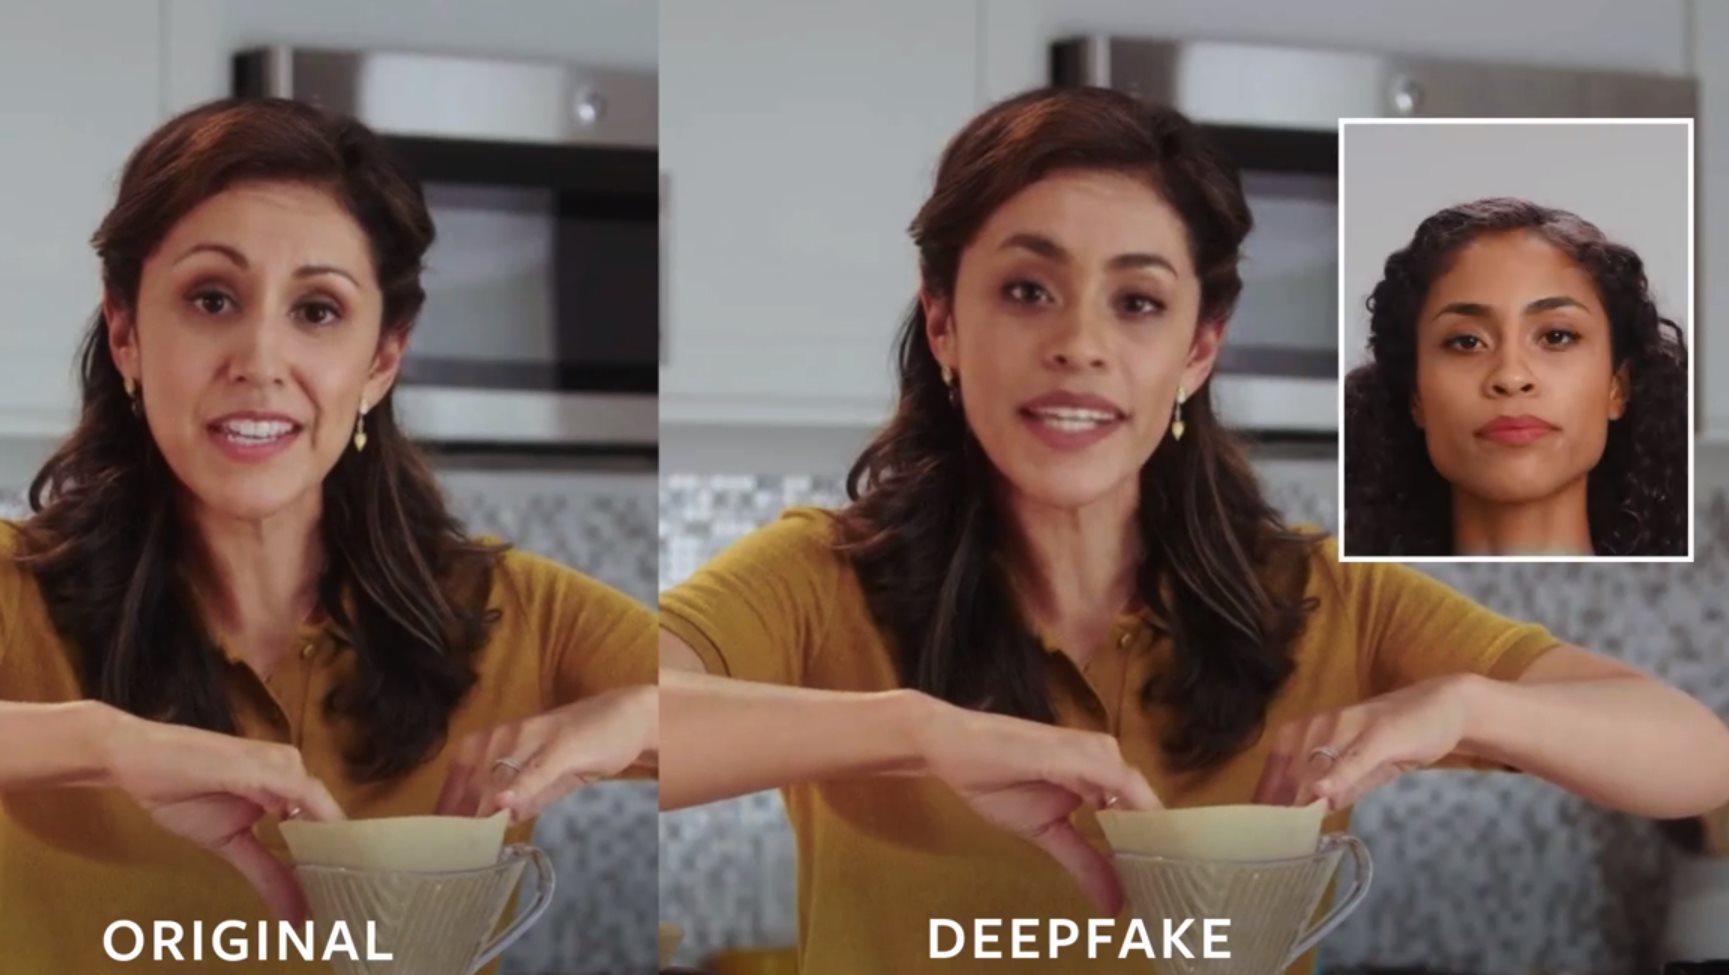 Facebook creará deepfakes para saber cómo identificarlos